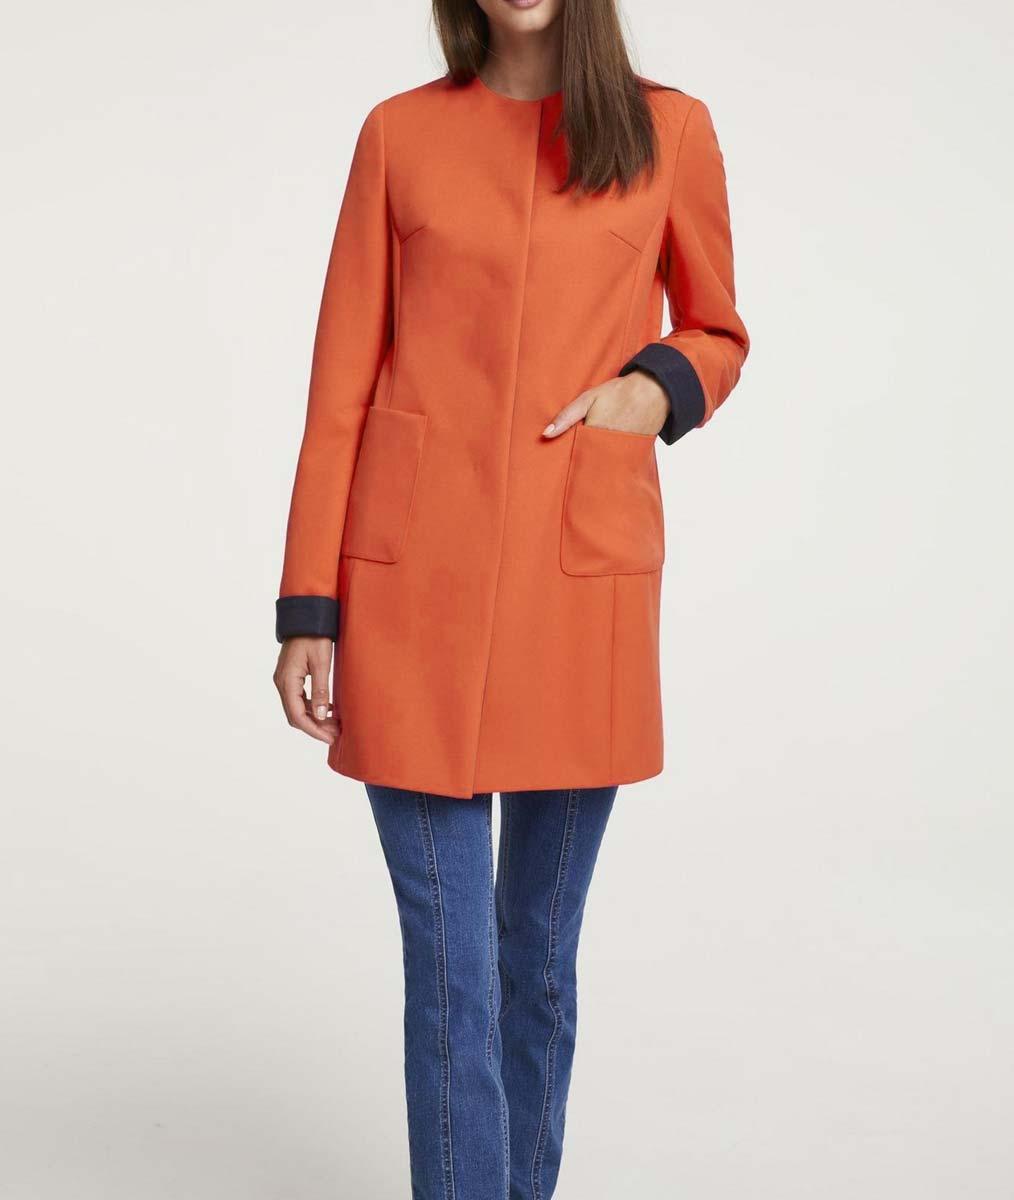 Damenmäntel Frühjahr 2021 Damenmantel Kurzmantel Damen Frühjahr 2021 Orange Damen Mantel Damen Kurz neu 649.236 Missforty